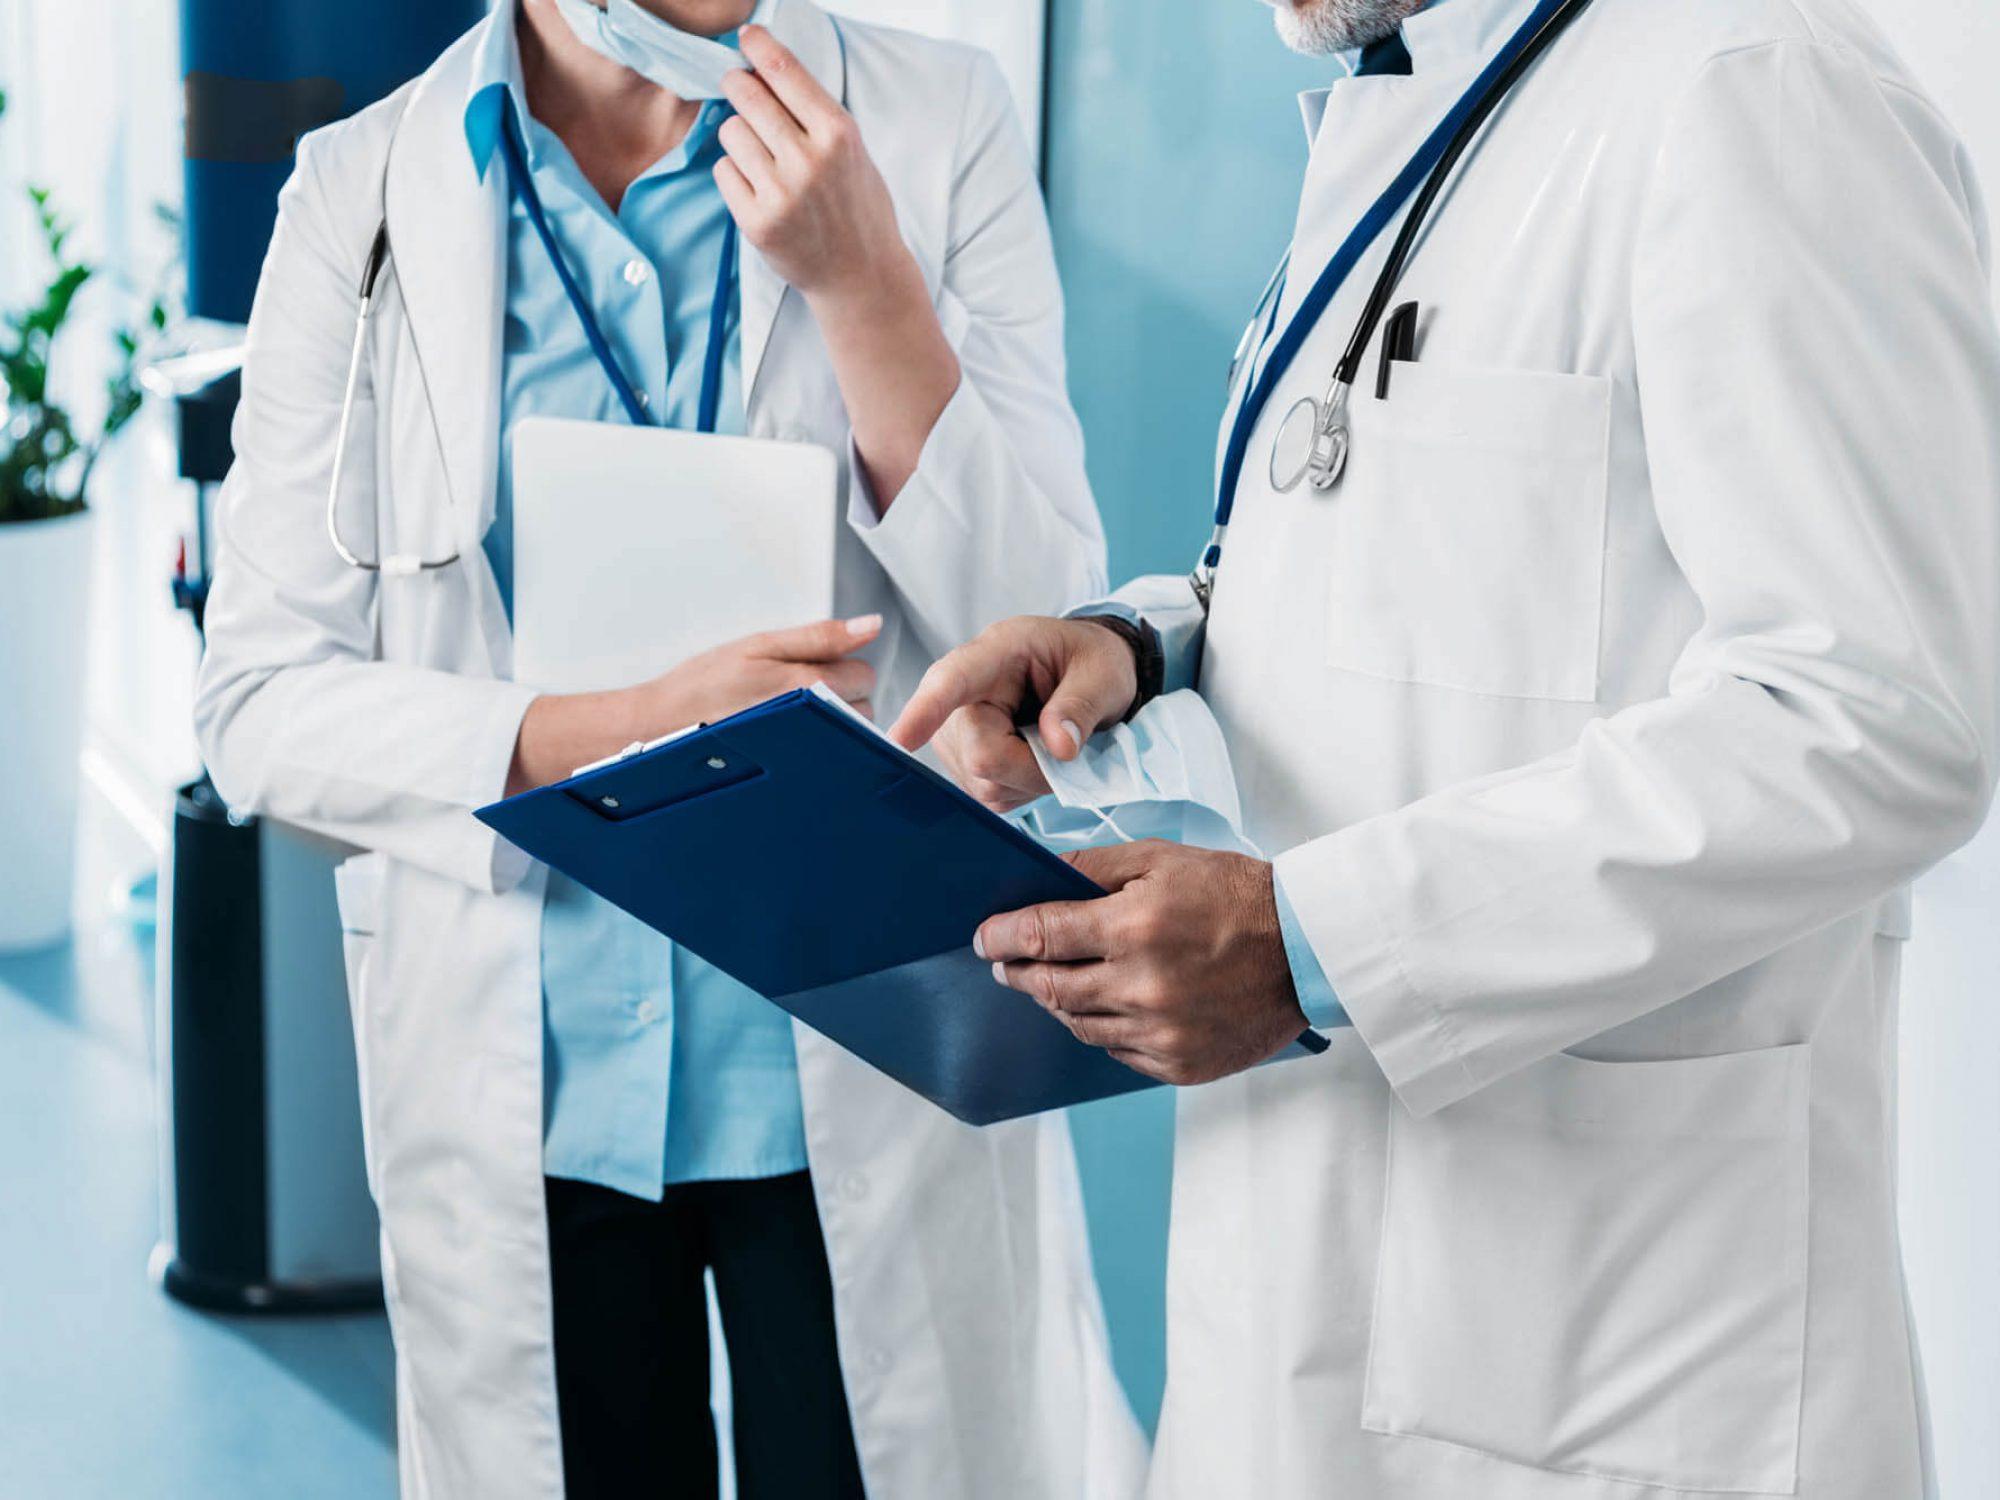 היערכות לניתוח: מהשבועות ועד השעות שלפני